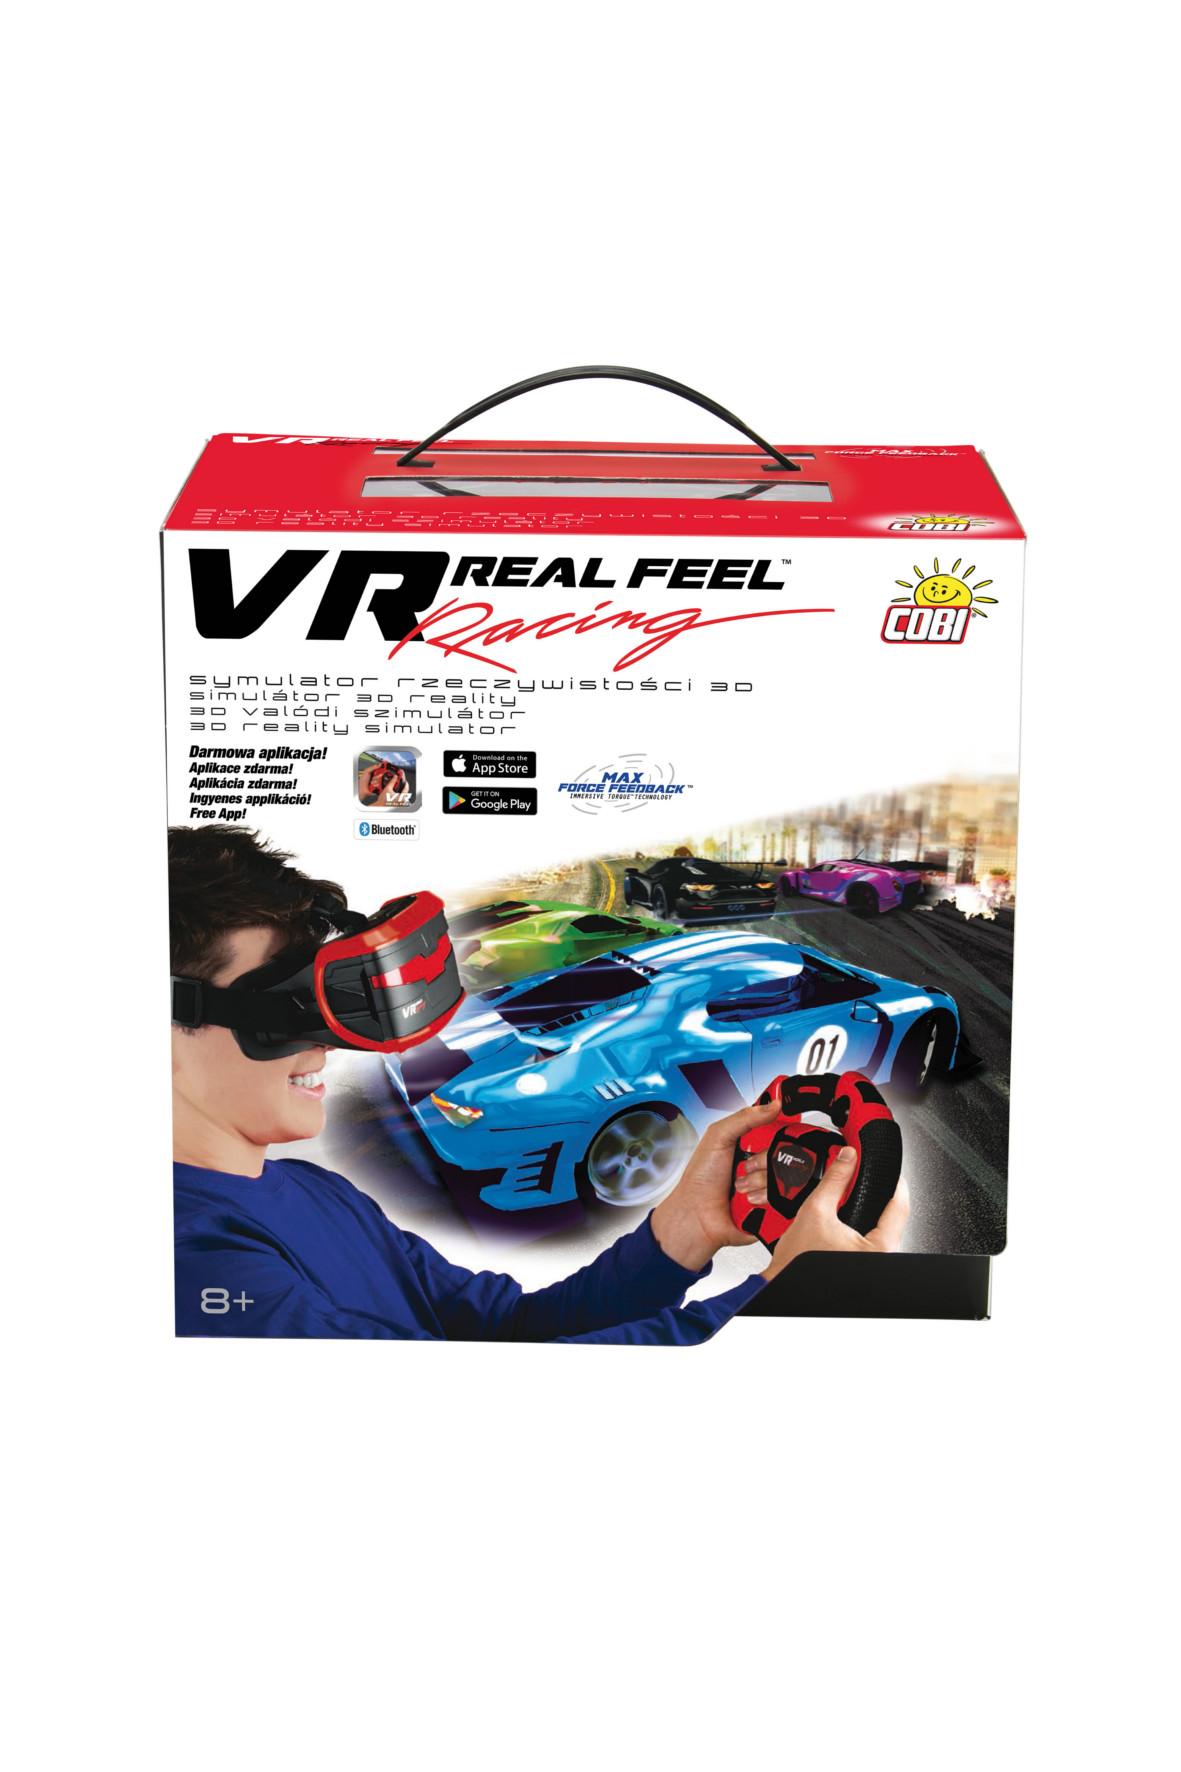 026753494002 UPC - Vr Real Feel Virtual Reality Car Racing Gaming